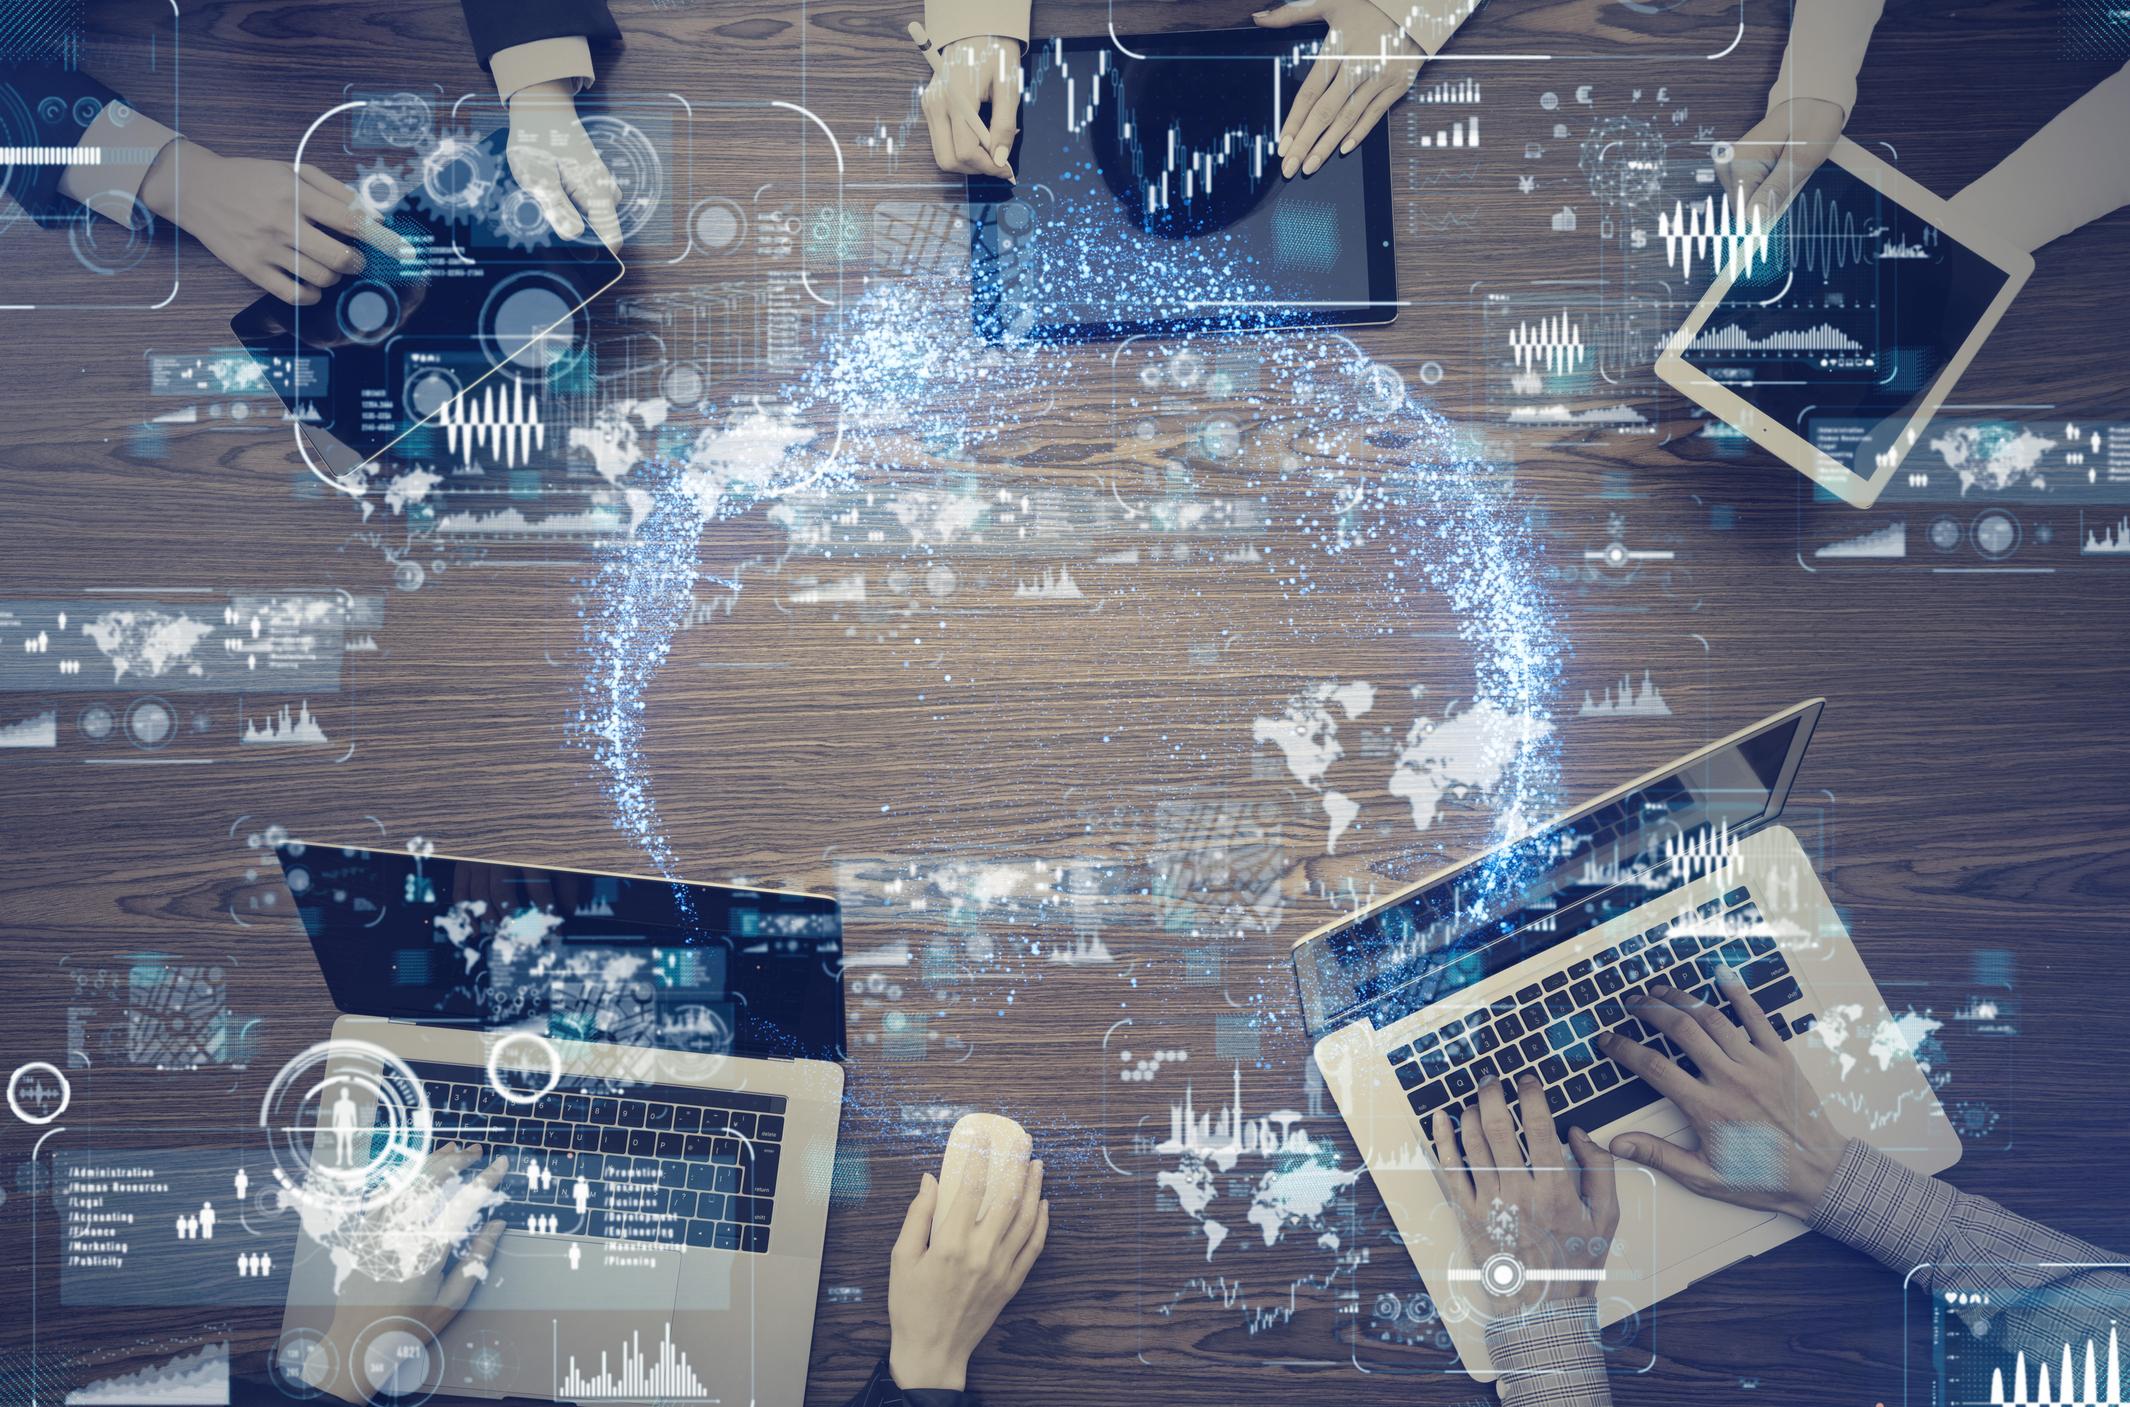 Consultora de transformación digital: ¿qué puede aportar al plan estratégico de una empresa?